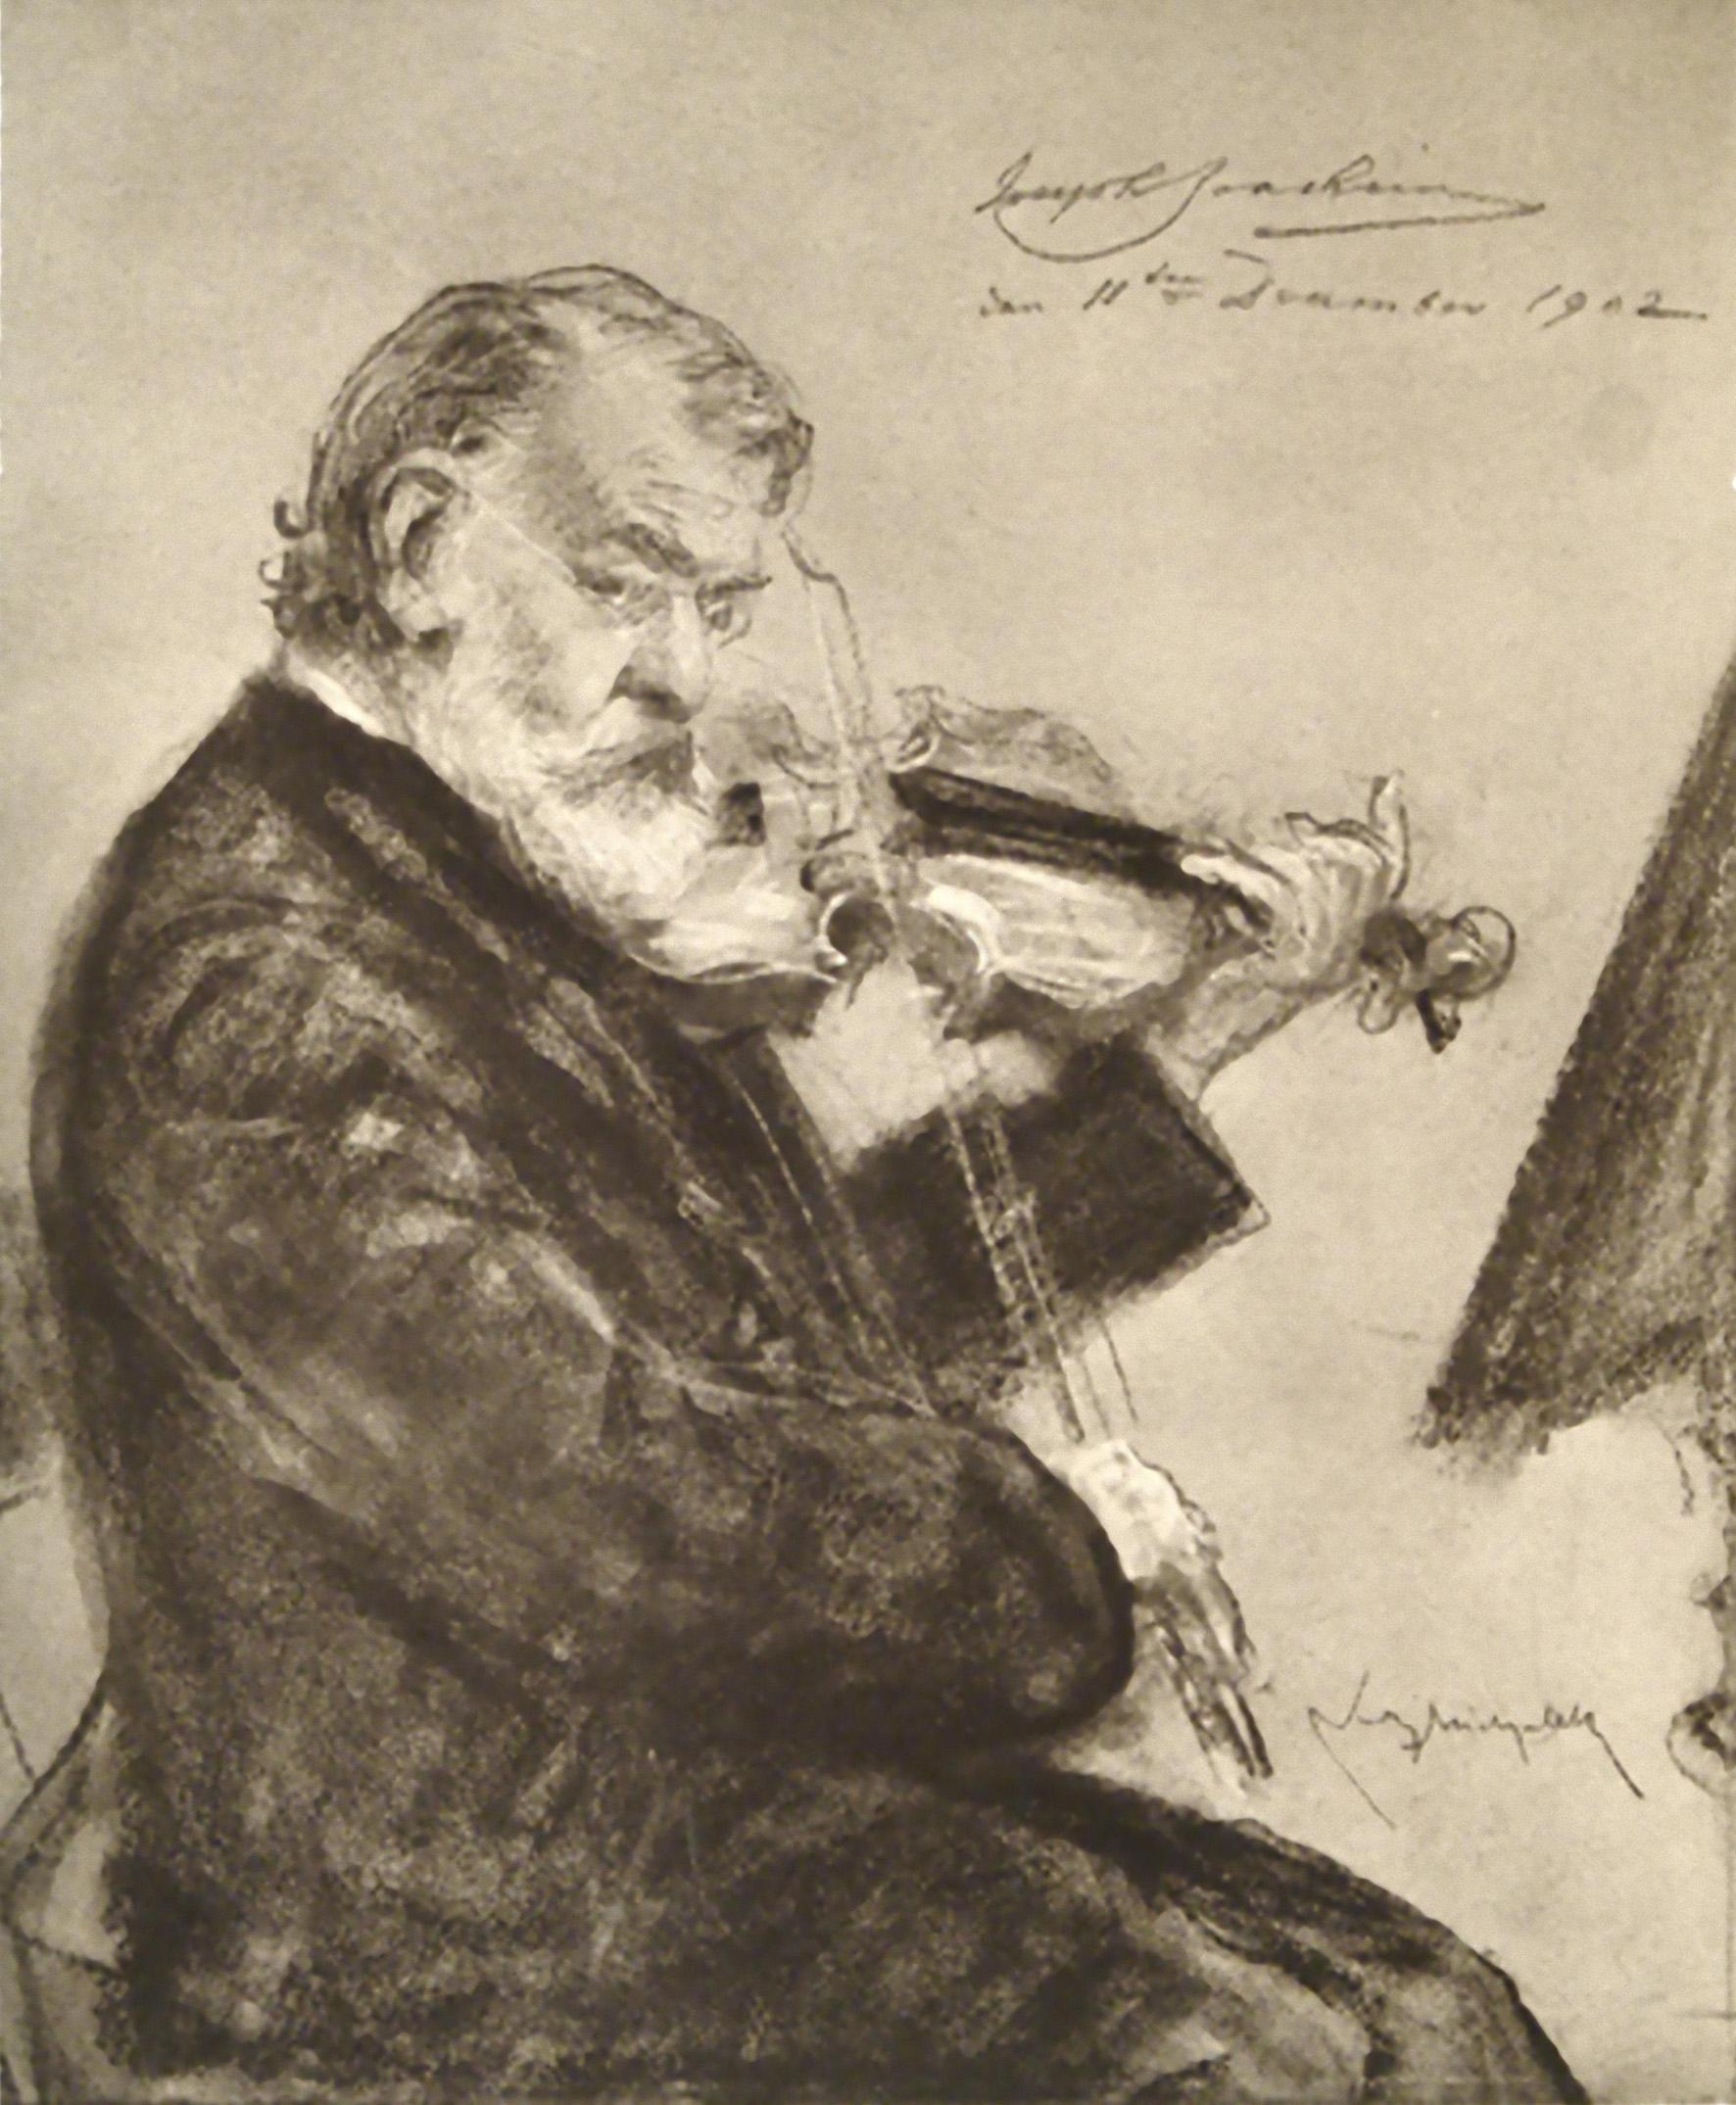 JJ Schönknecht 11 Dec 1902